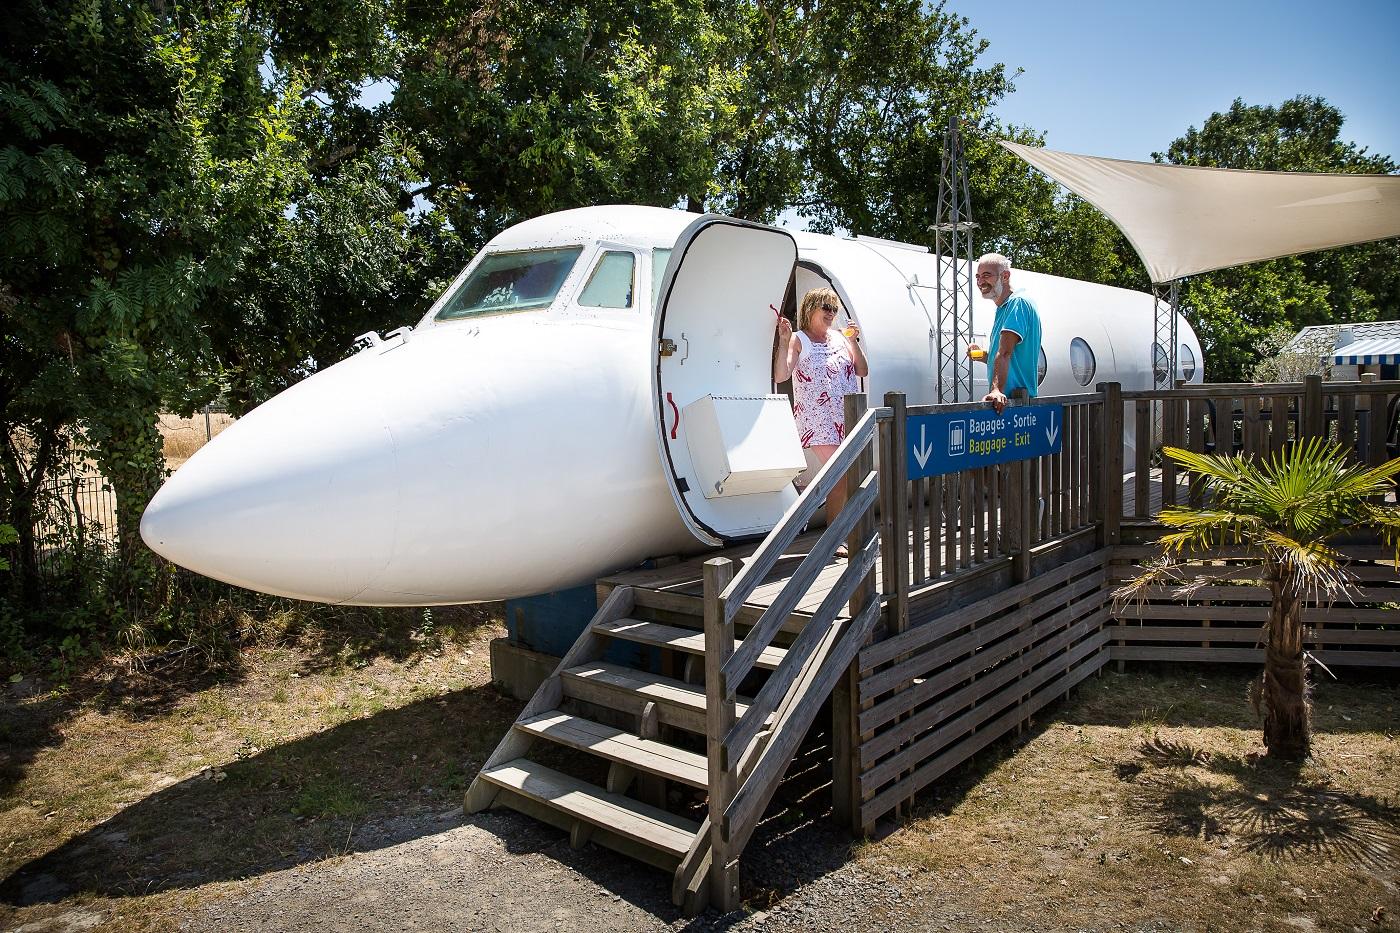 Durma em um avião de verdade (Foto: Reprodução)